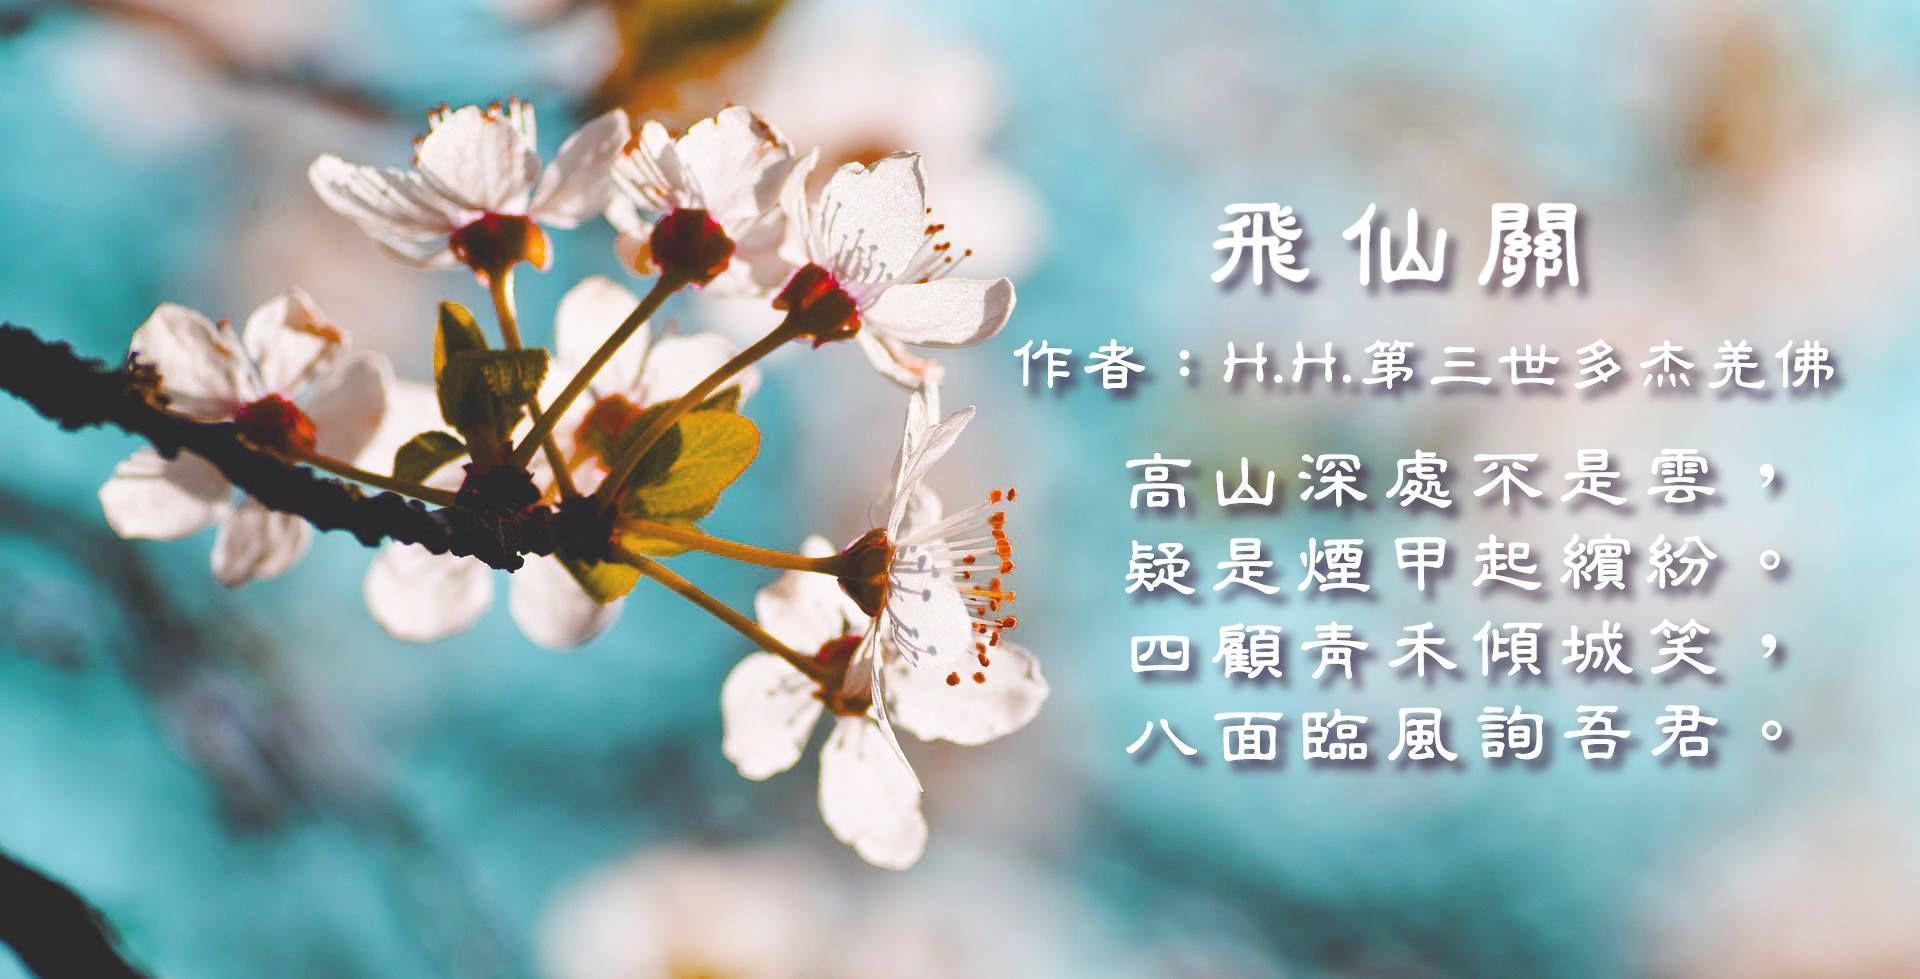 H.H.第三世多杰羌佛詩詞歌賦作品:飛仙關